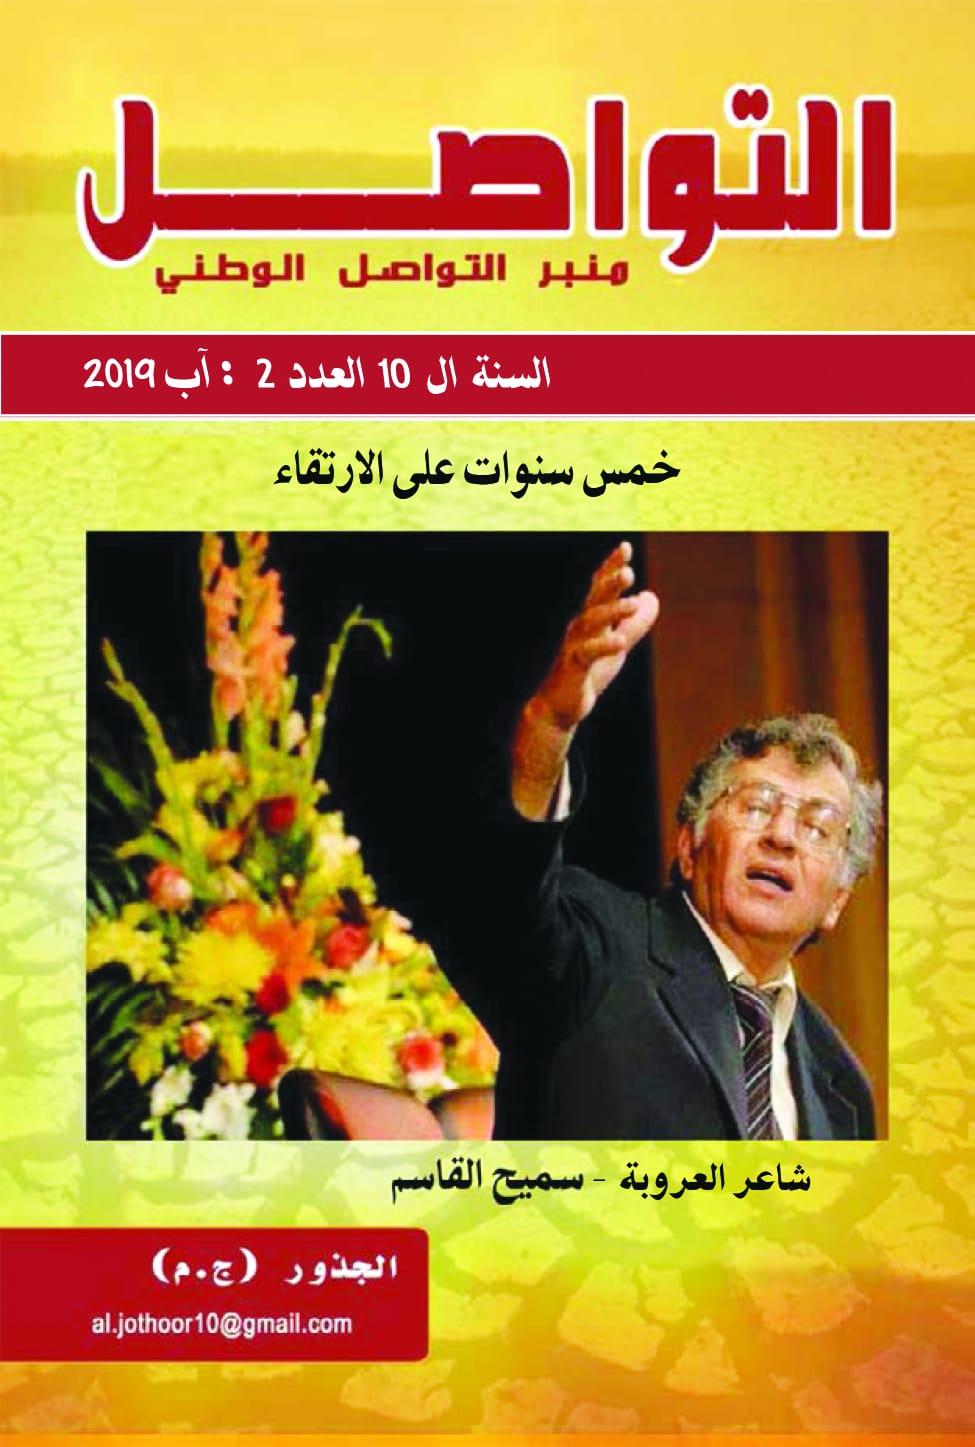 """Photo of فصليّة """"التواصل"""" تصدر في عدد خاص بمرور: عشر سنوات على انطلاقتها وخمس سنوات على ارتقاء سميح القاسم"""